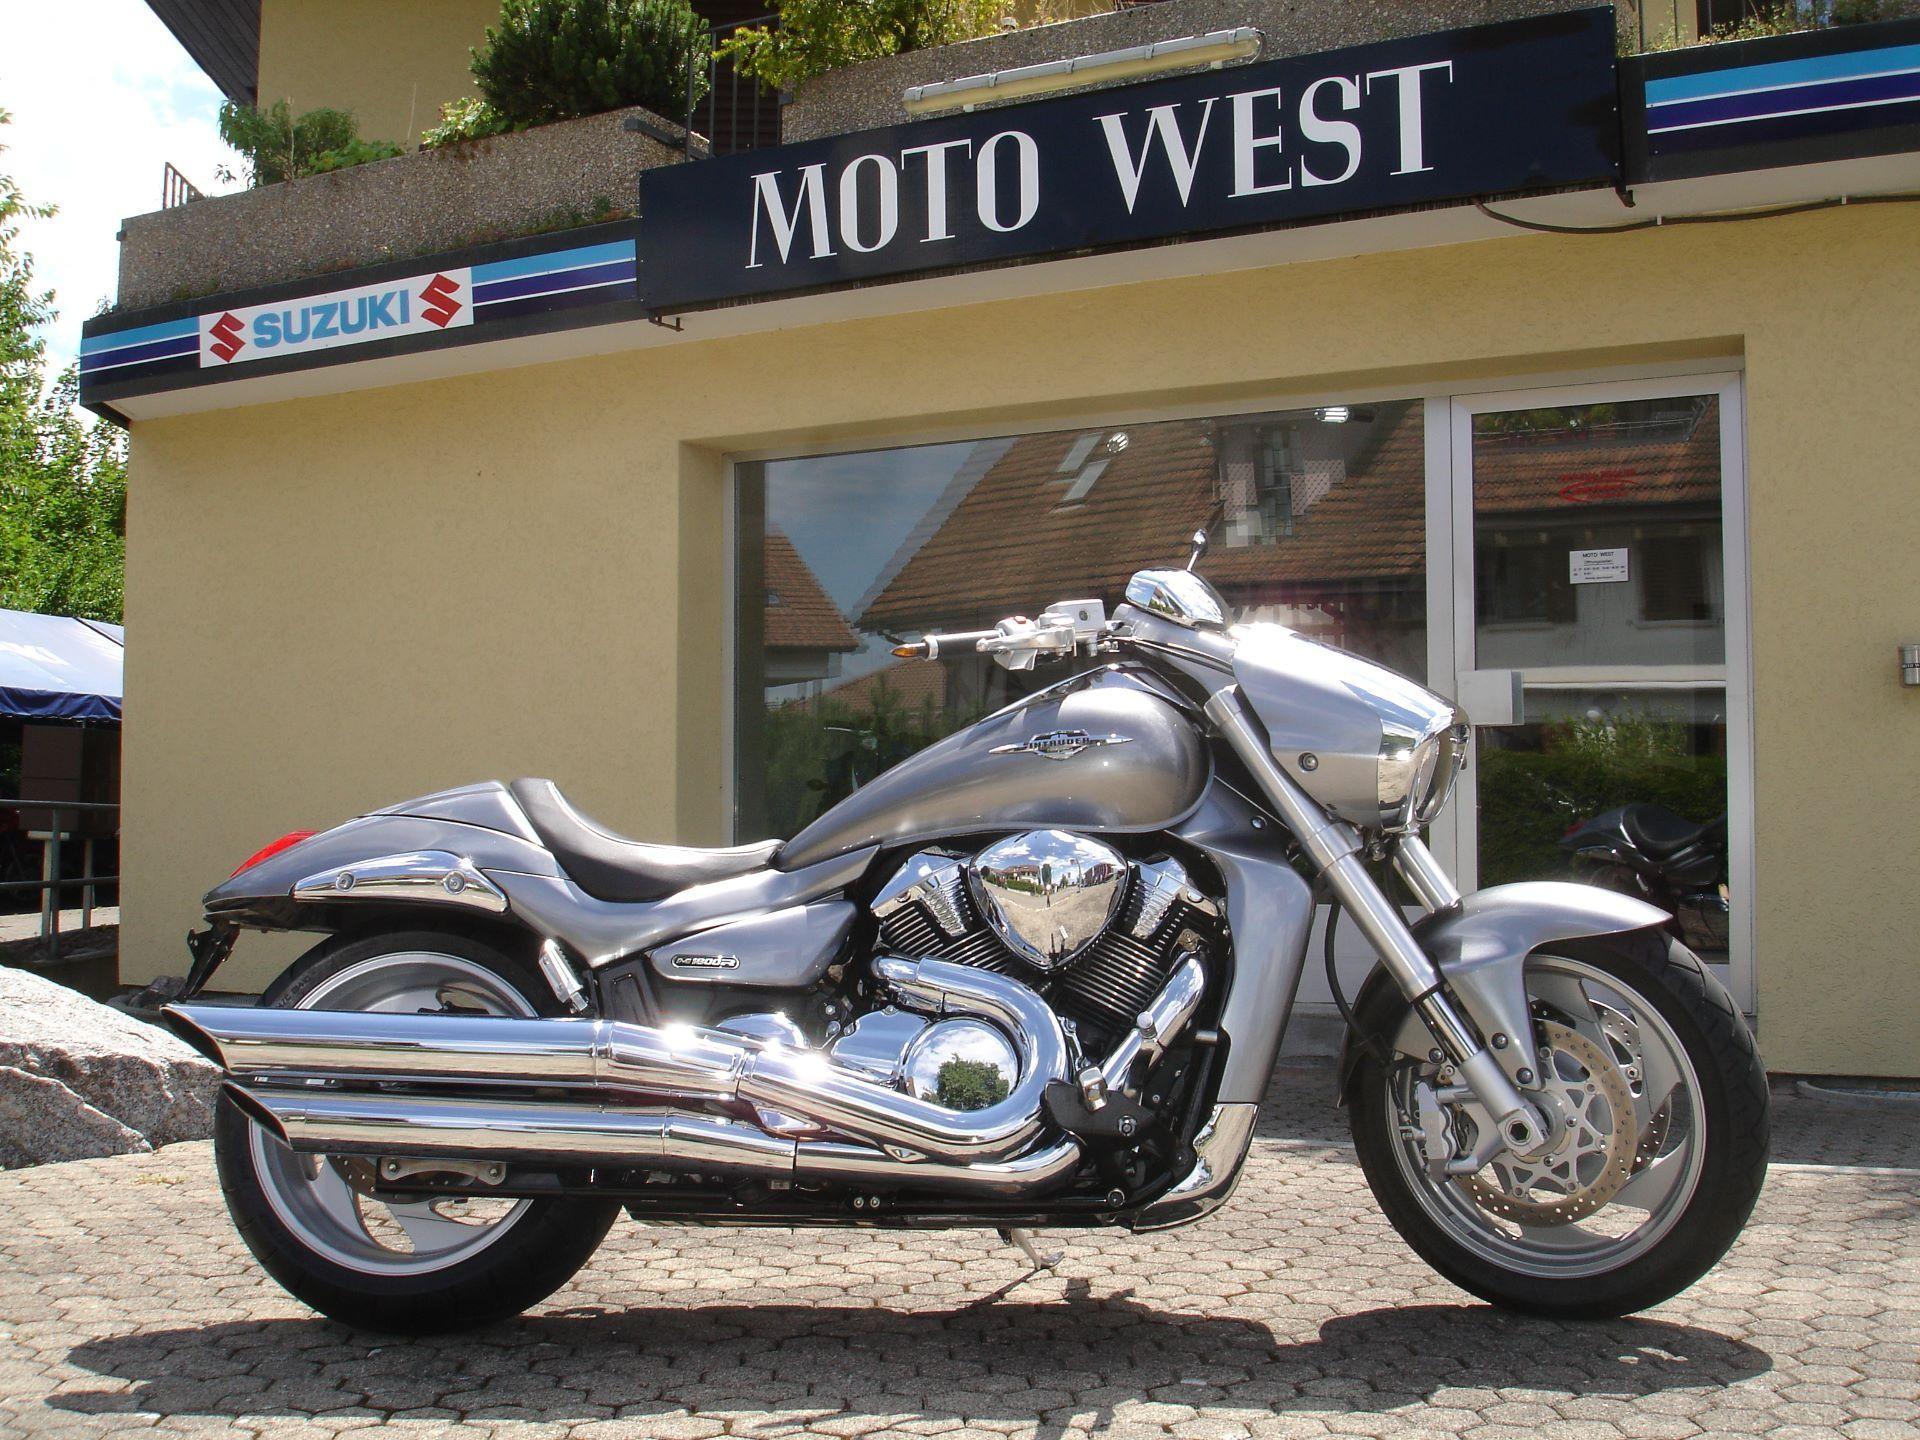 motorrad occasion kaufen suzuki m 1800 r intruder moto west waltenschwil. Black Bedroom Furniture Sets. Home Design Ideas